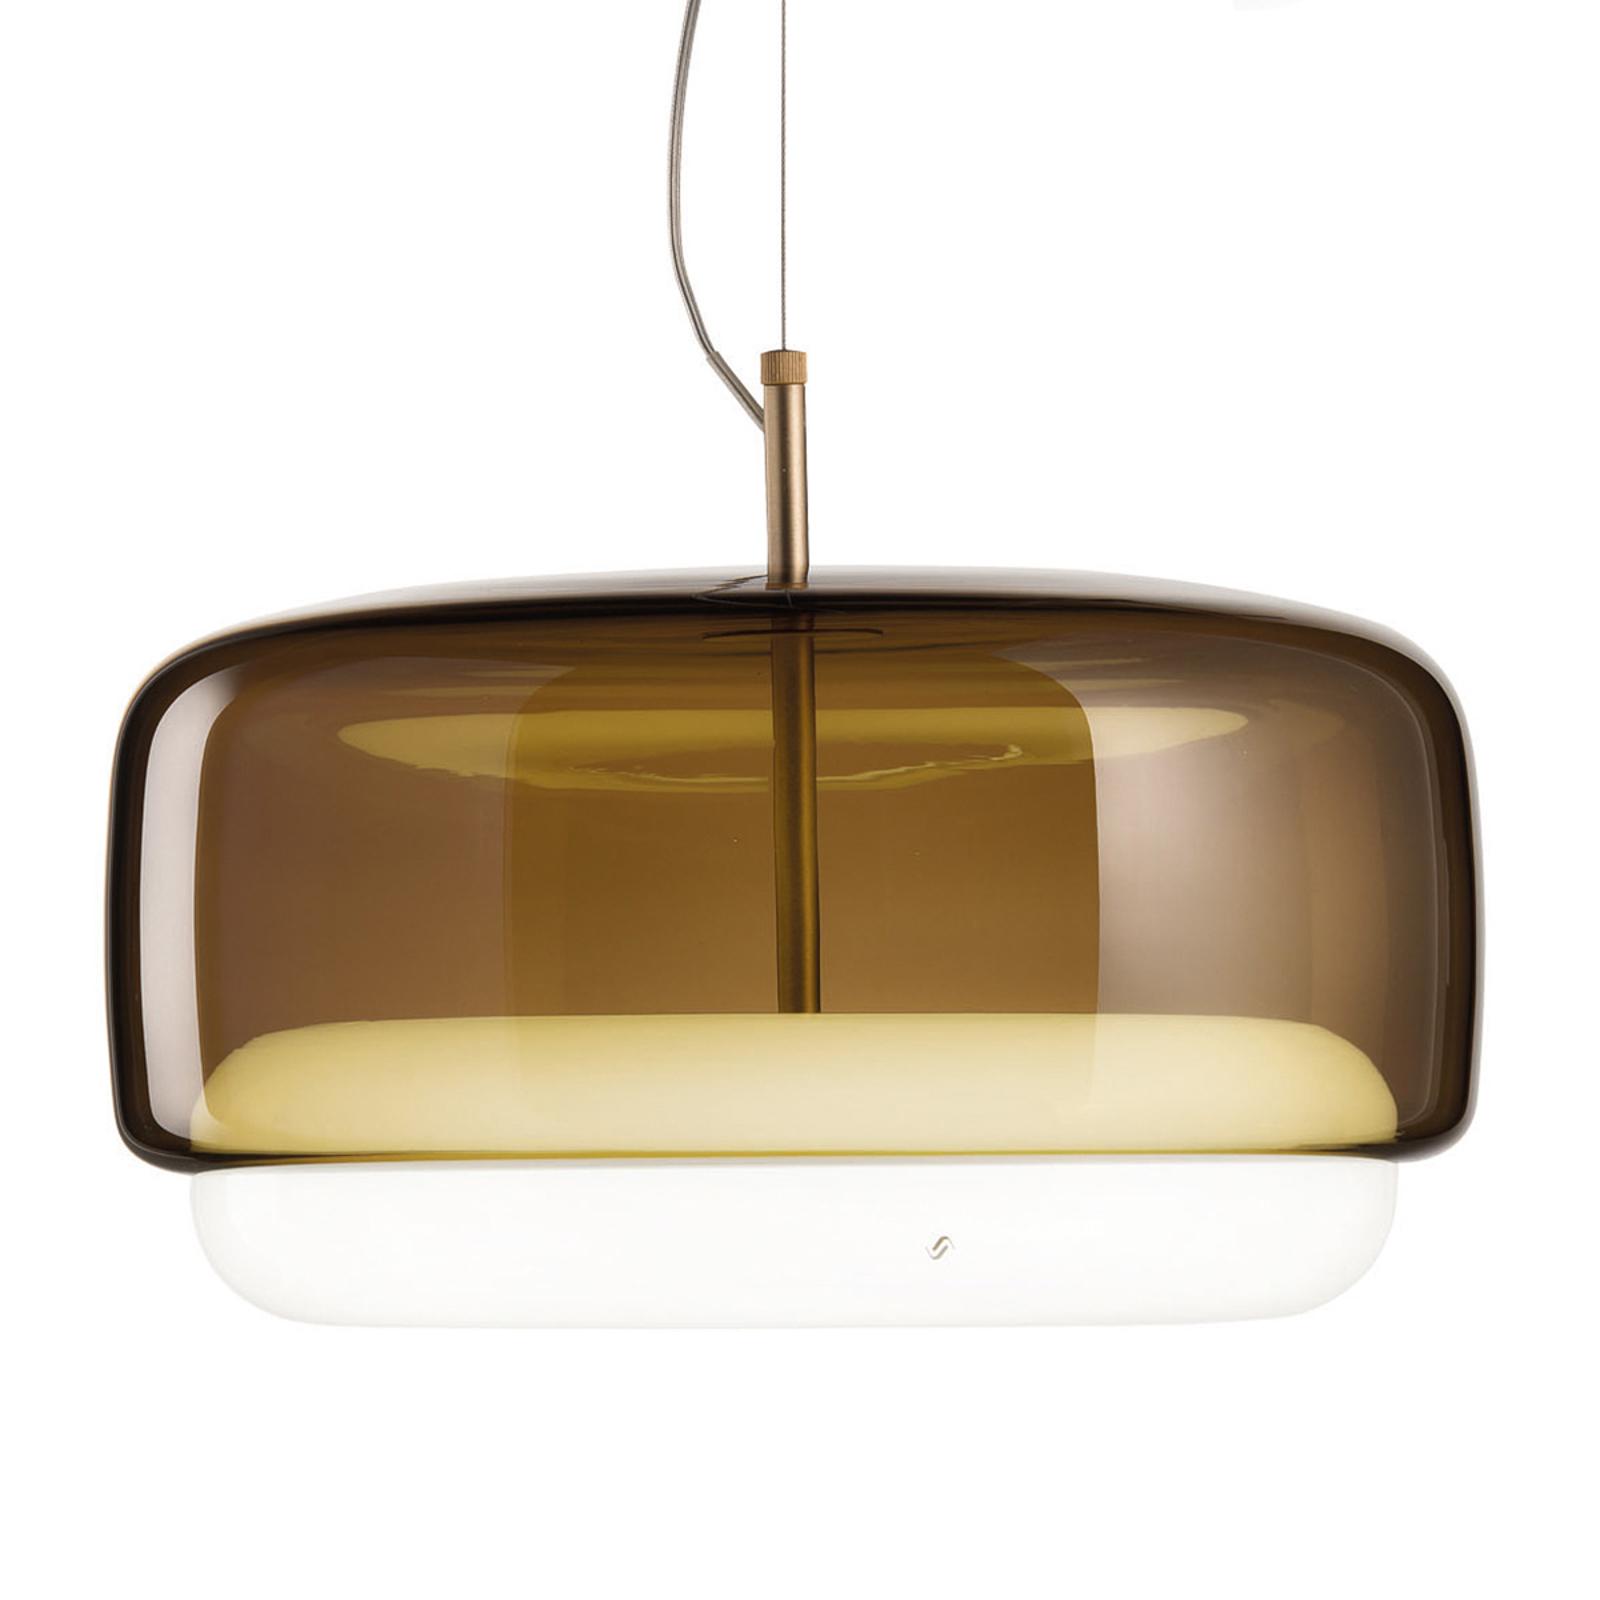 LED-riippuvalaisin Jube SP G, ruskea/valkoinen